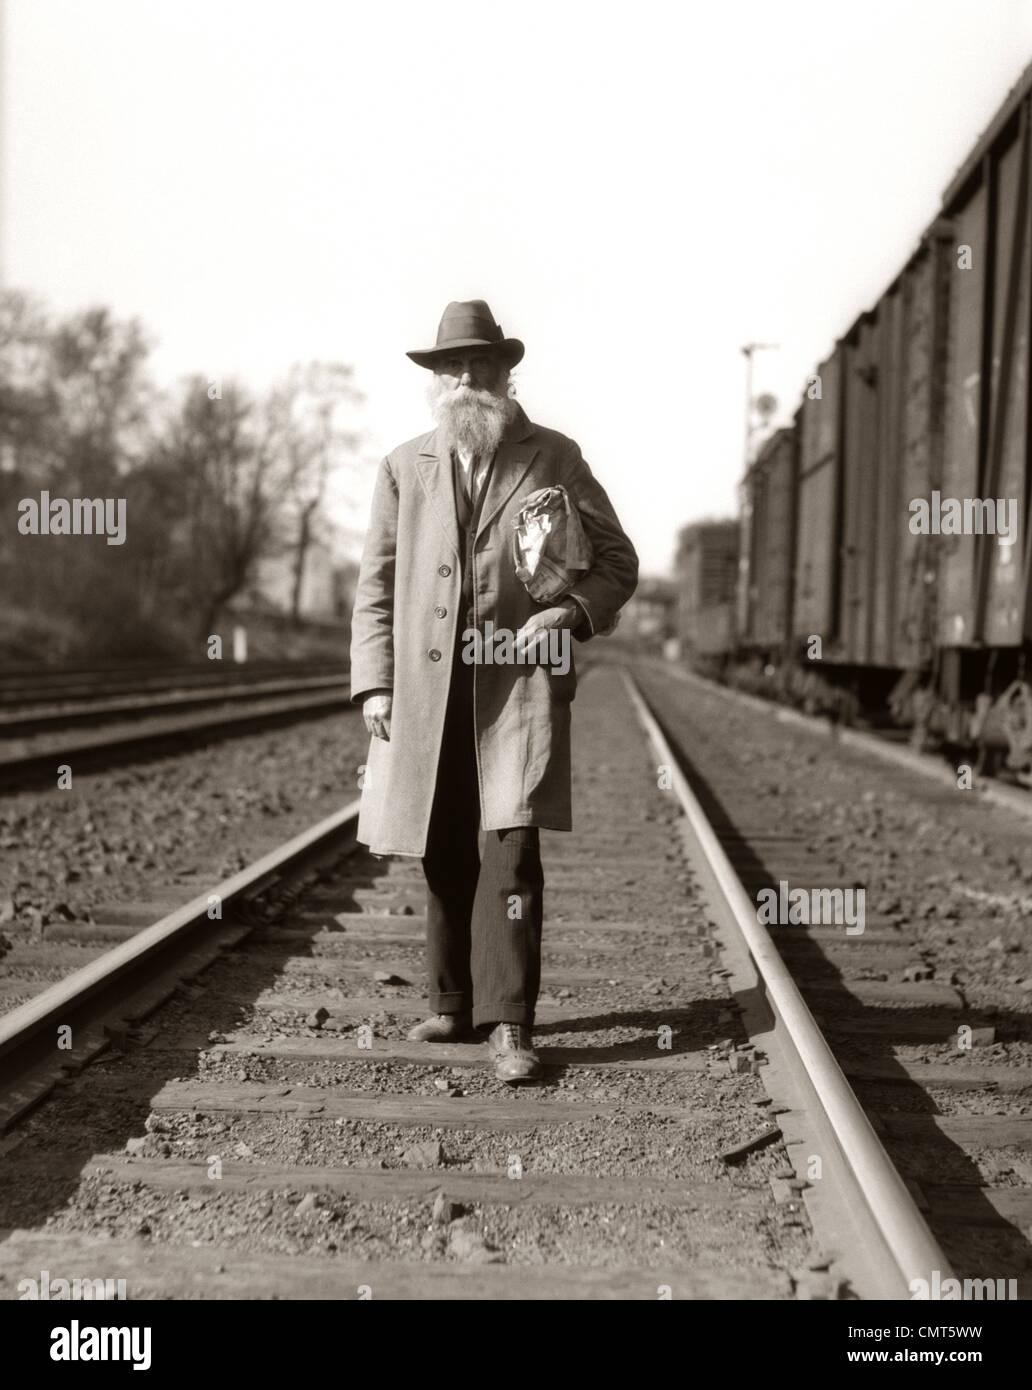 1930s grande depressione era uomo senzatetto HOBO percorrendo a piedi i binari della ferrovia Immagini Stock